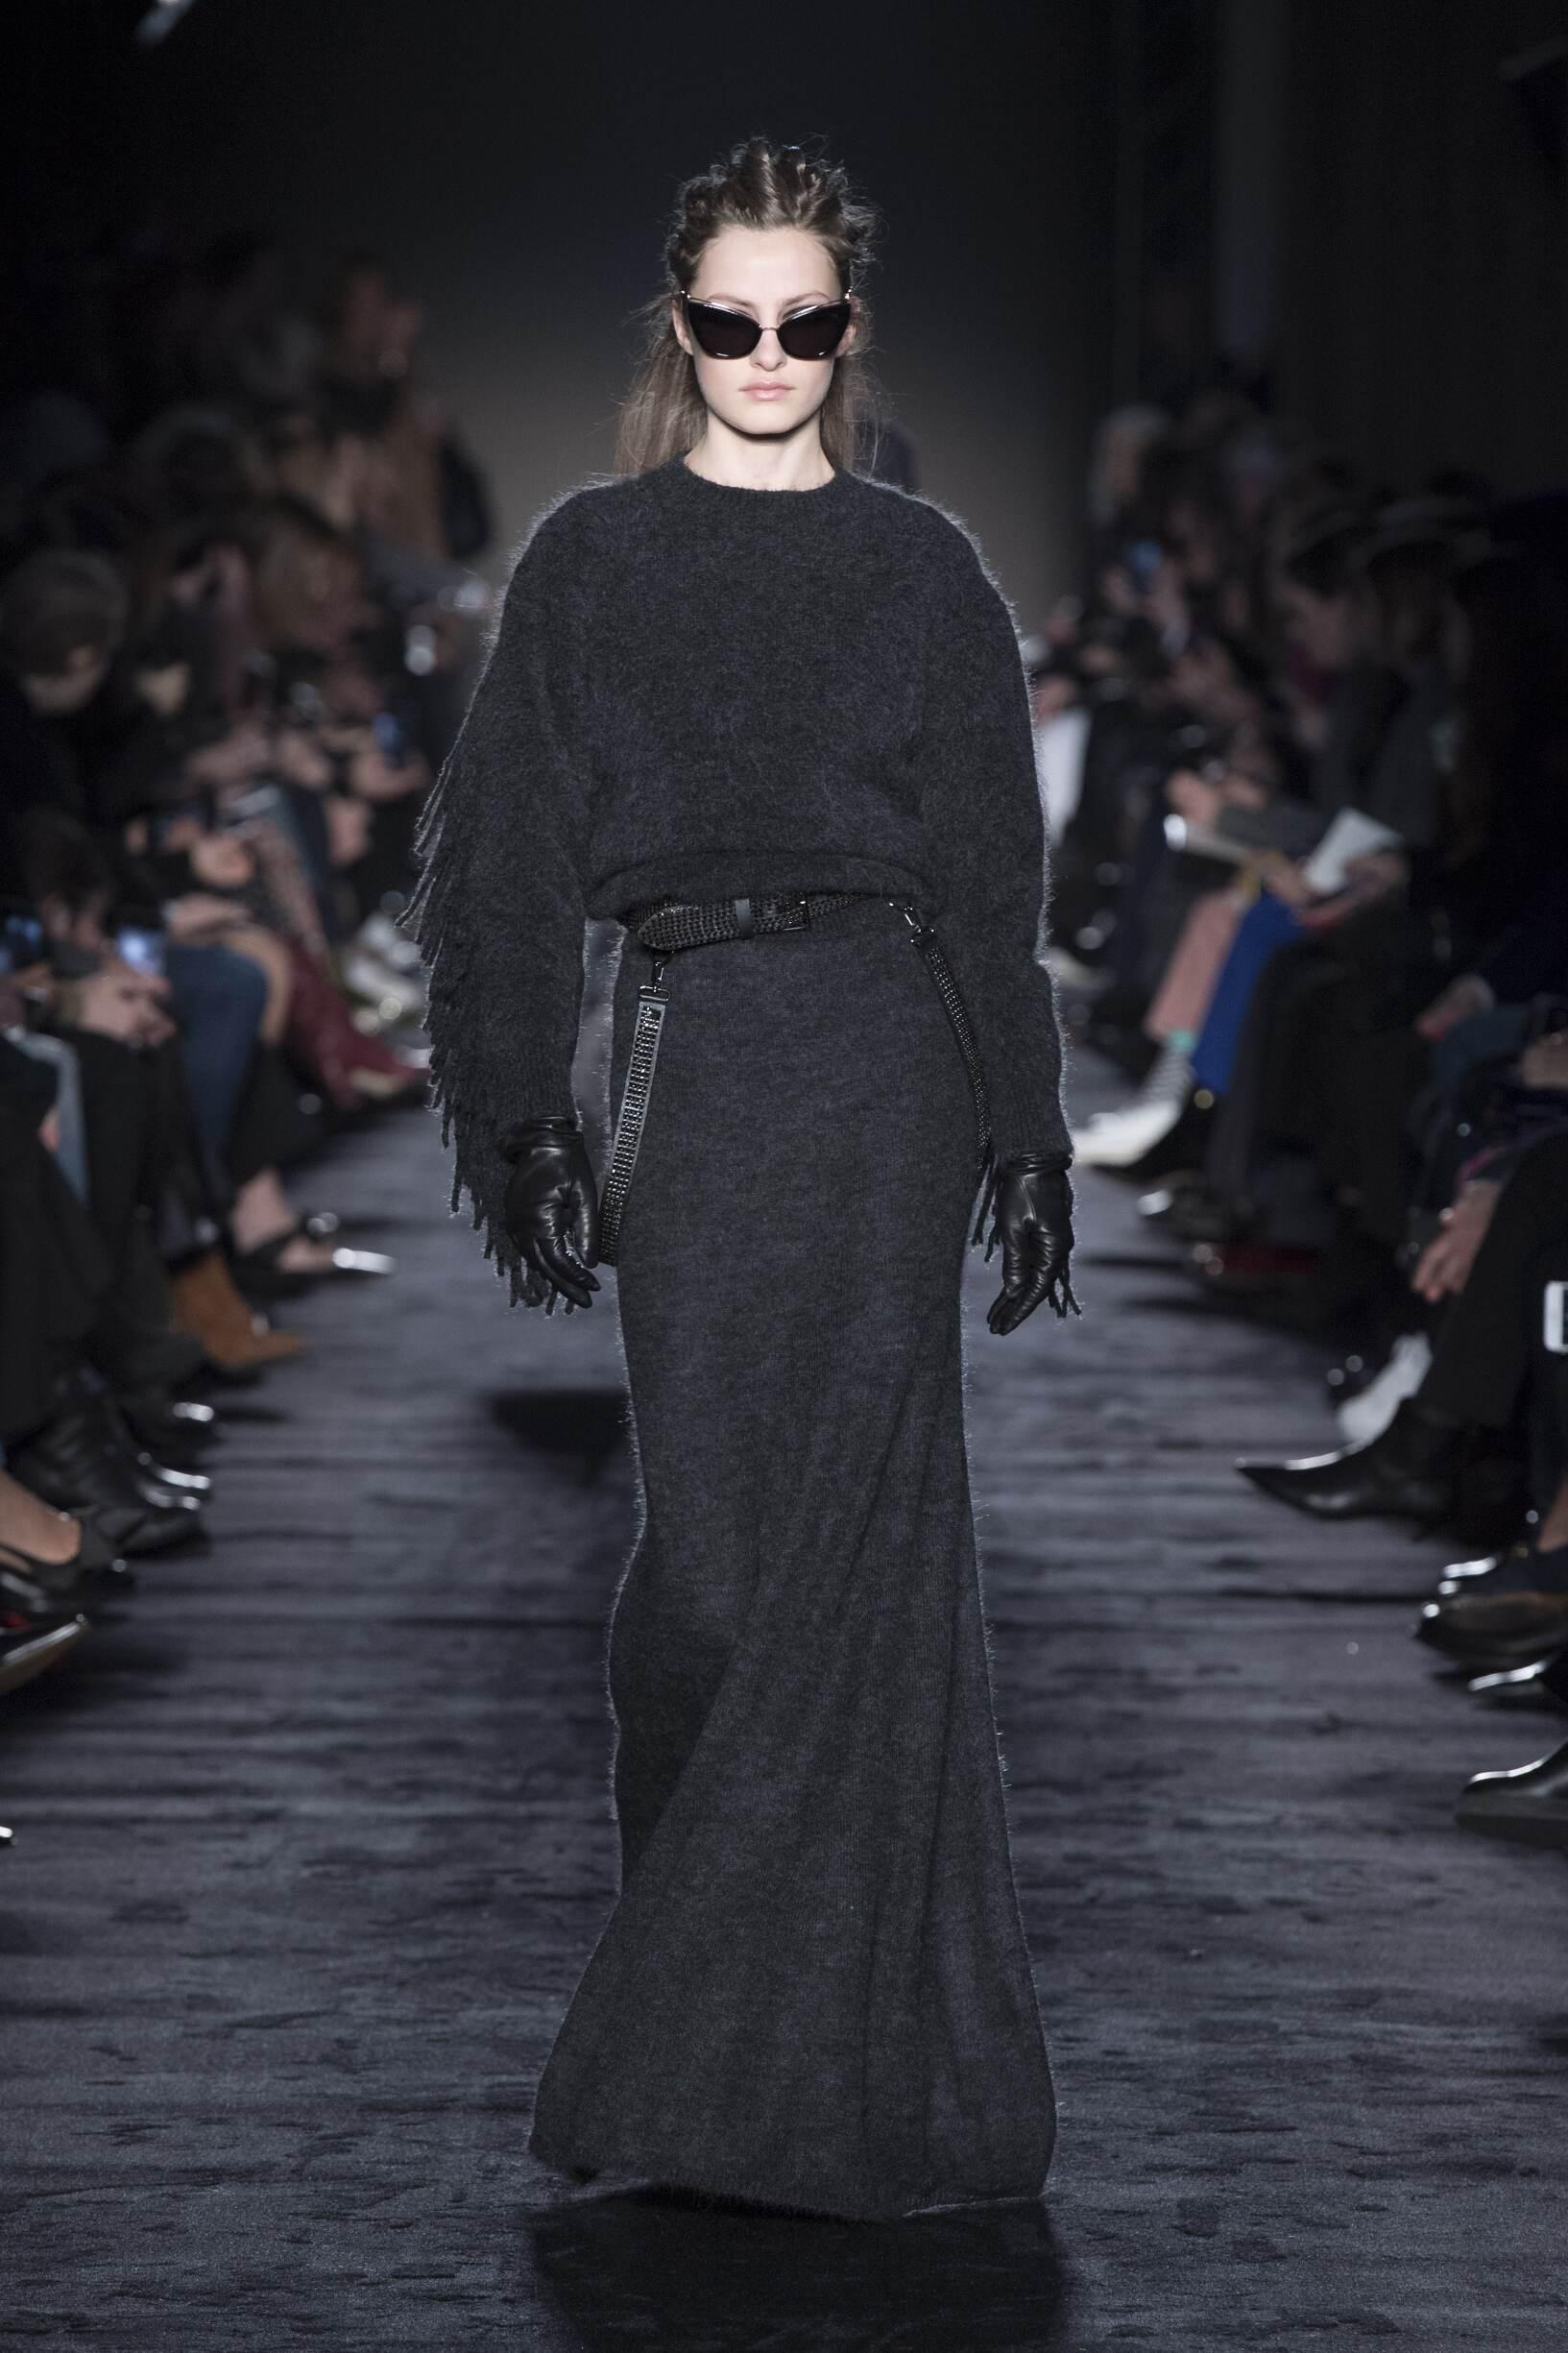 Fall Fashion 2018-19 Max Mara